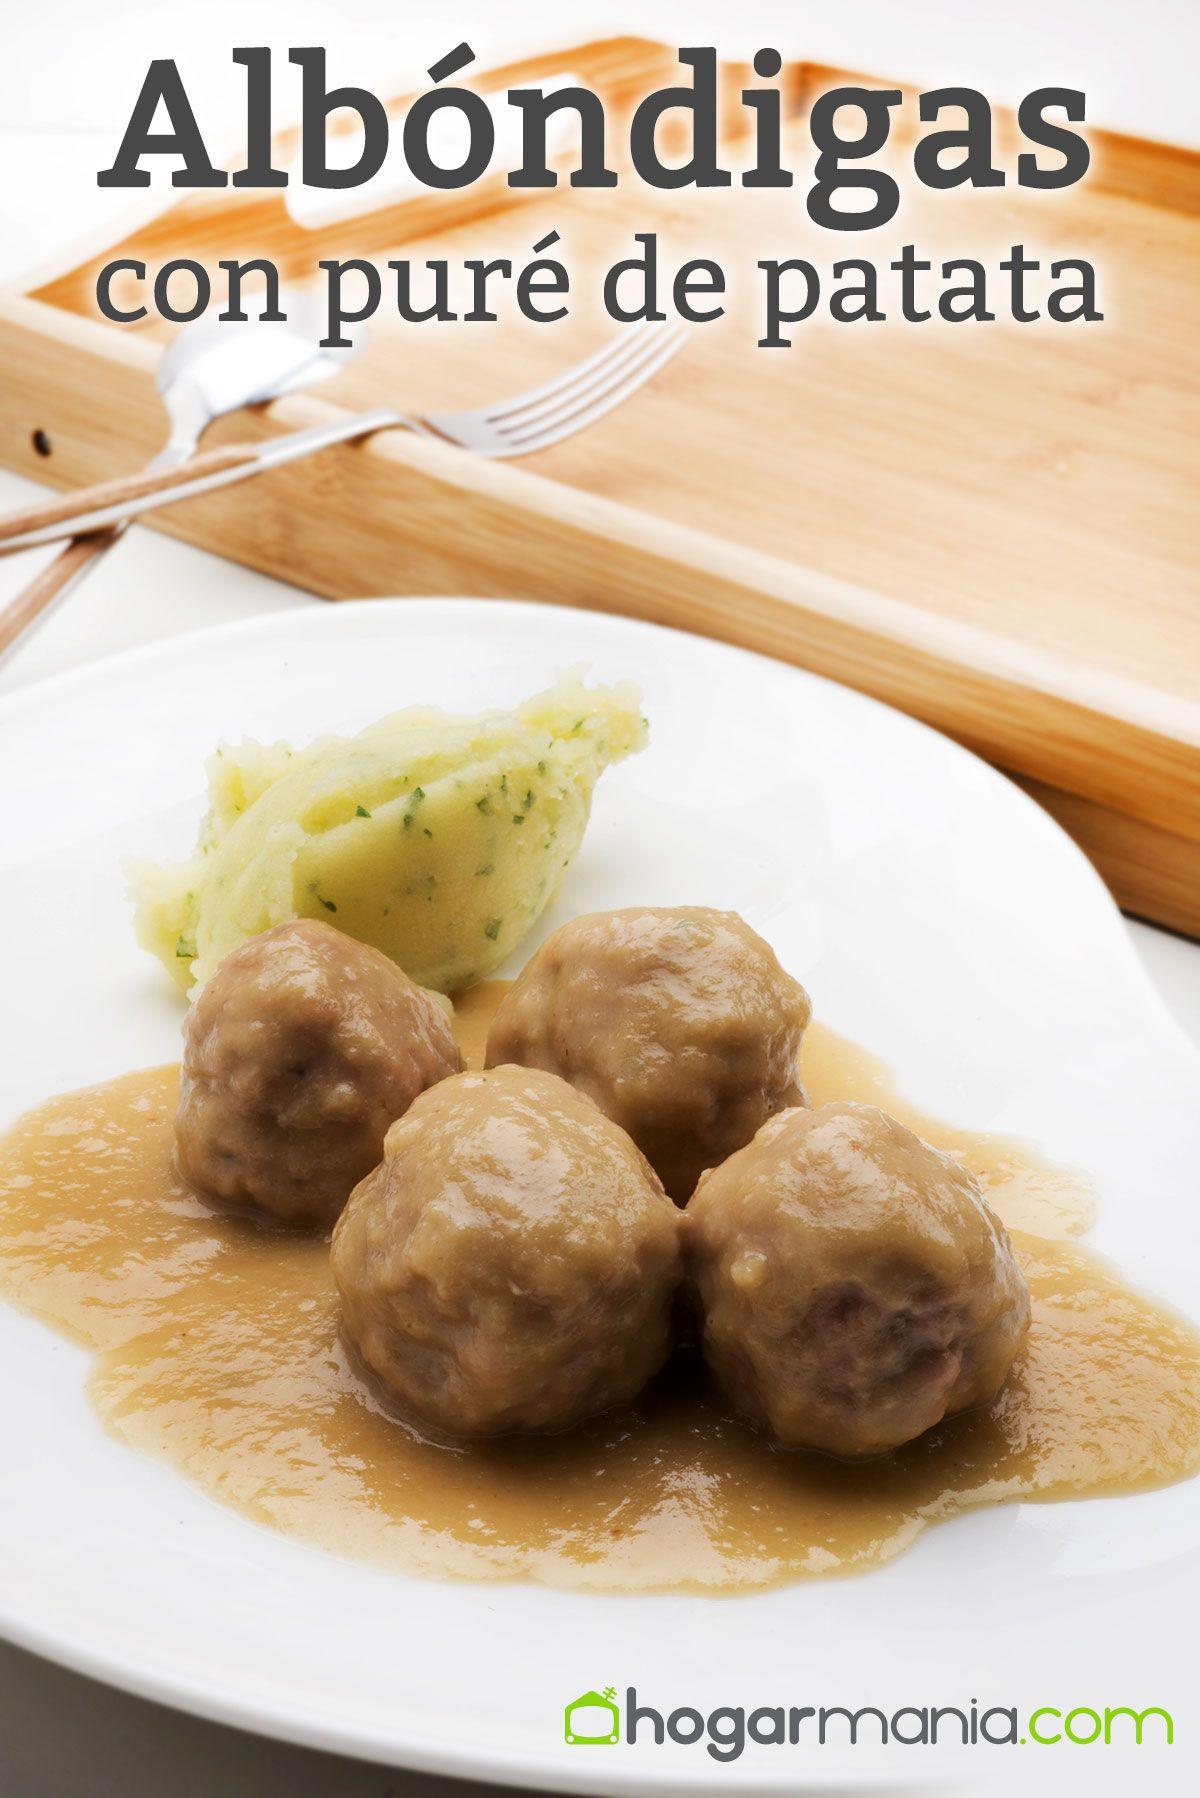 Albóndigas con puré de patata